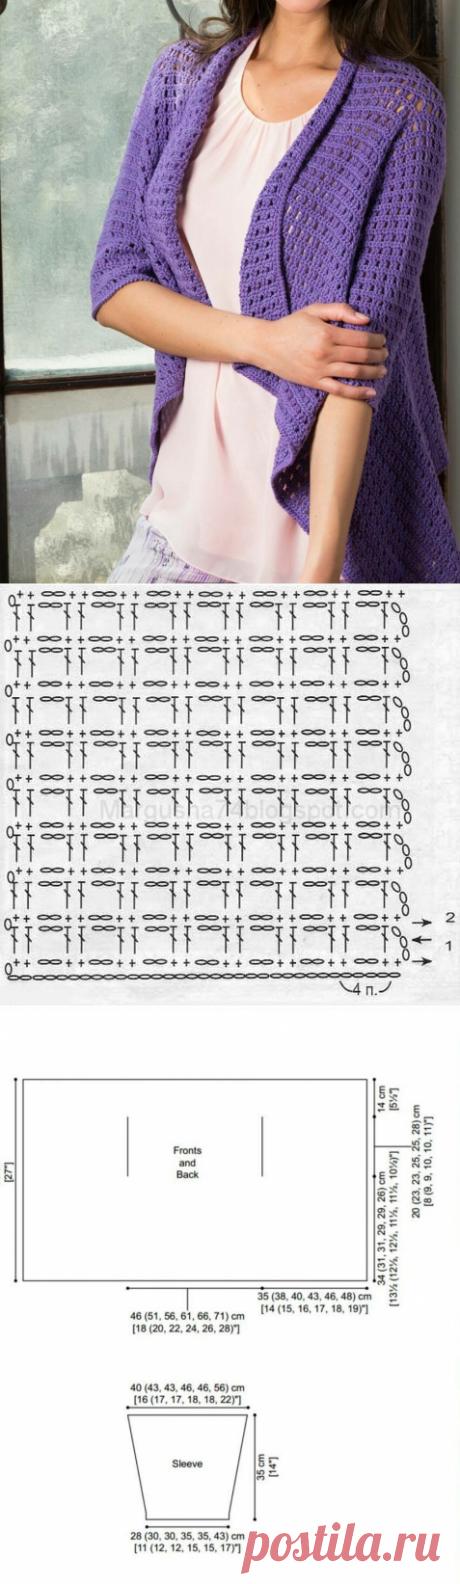 Красивые кофточки крючком( со схемами вязания) идеи и вдохновение | Мари Лу | Яндекс Дзен